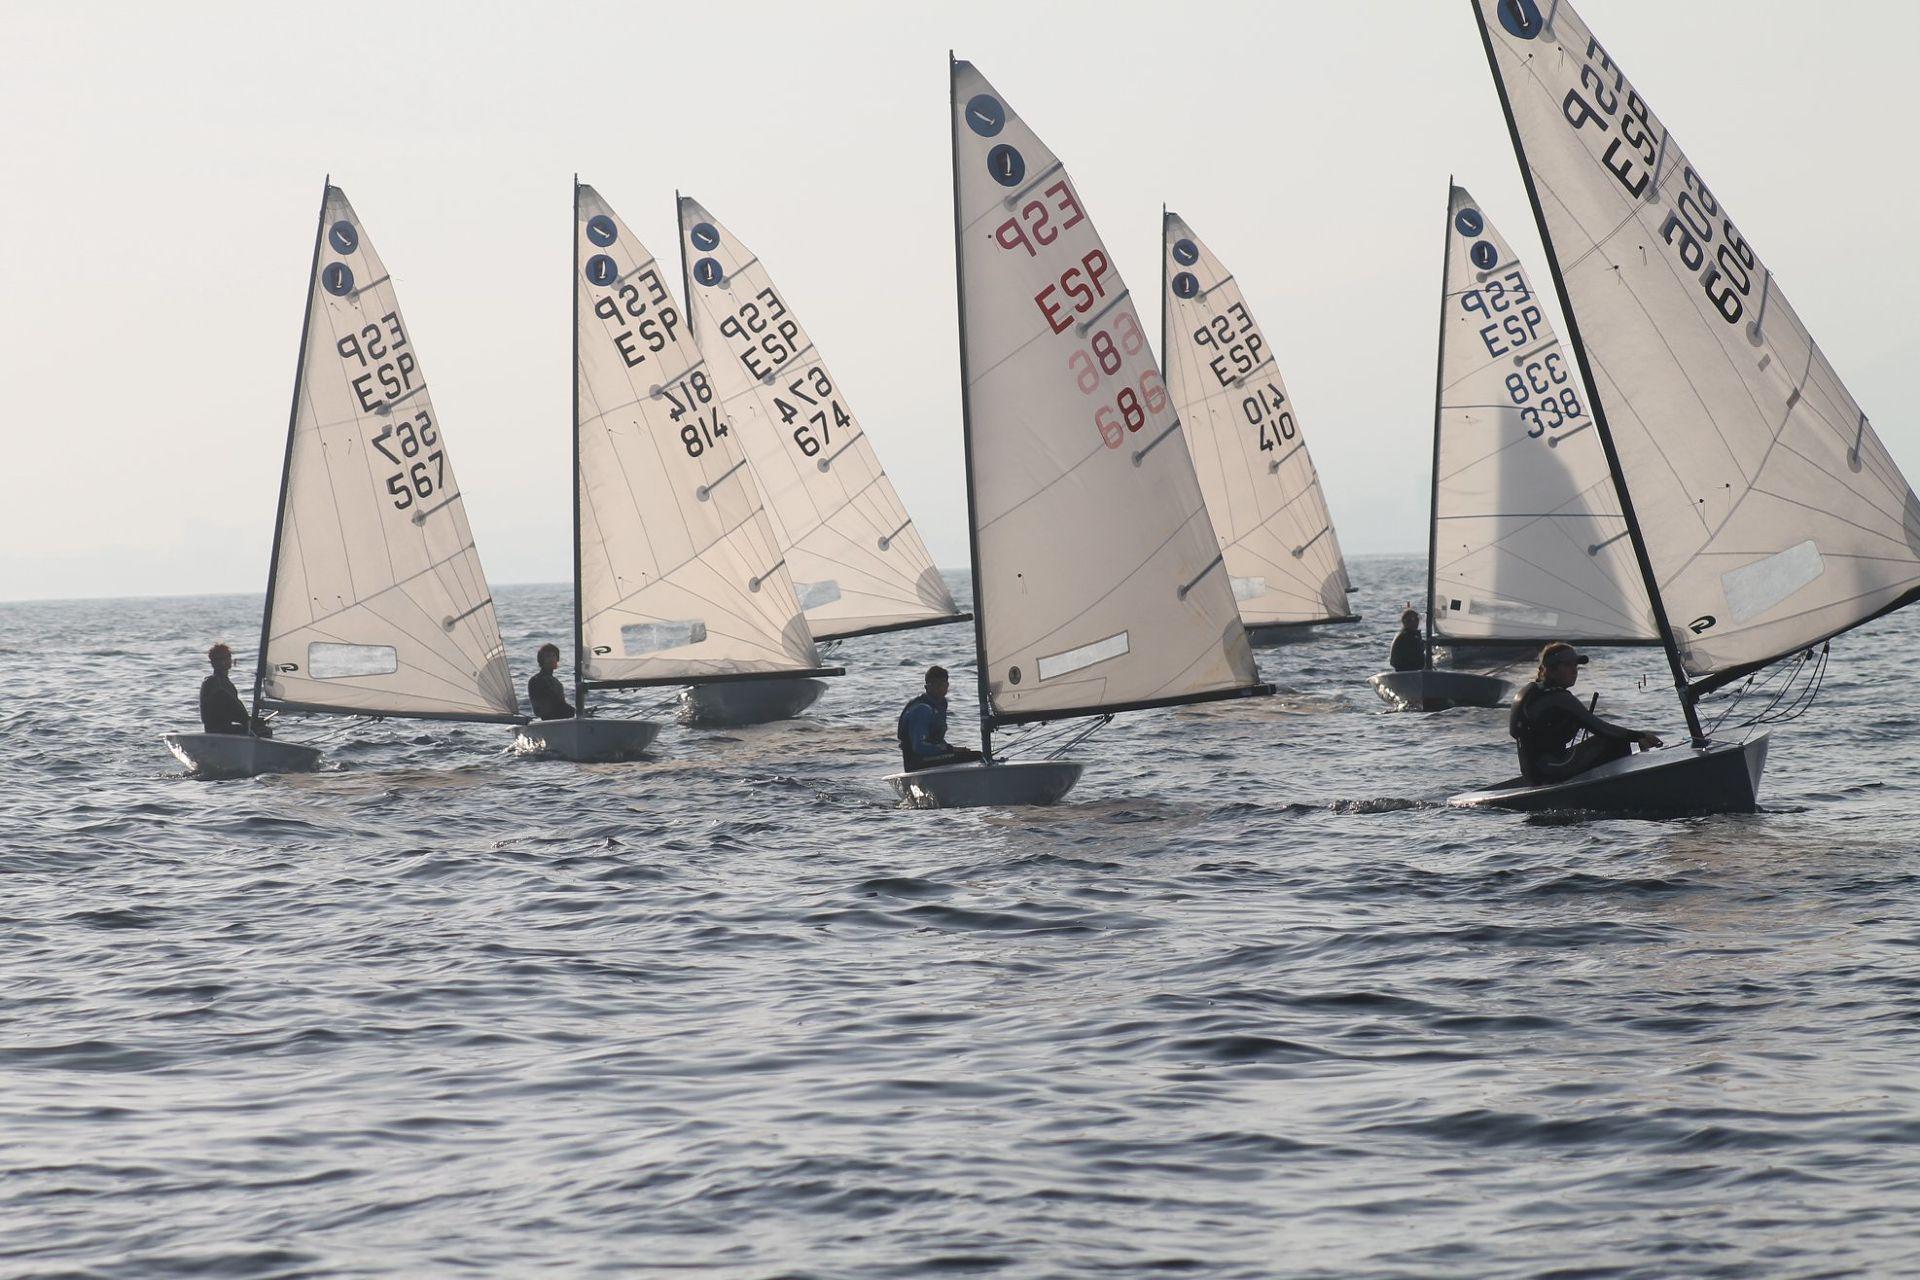 Els regatistes de la classe Europa participen al Campionat de Catalunya al CN El Balís.